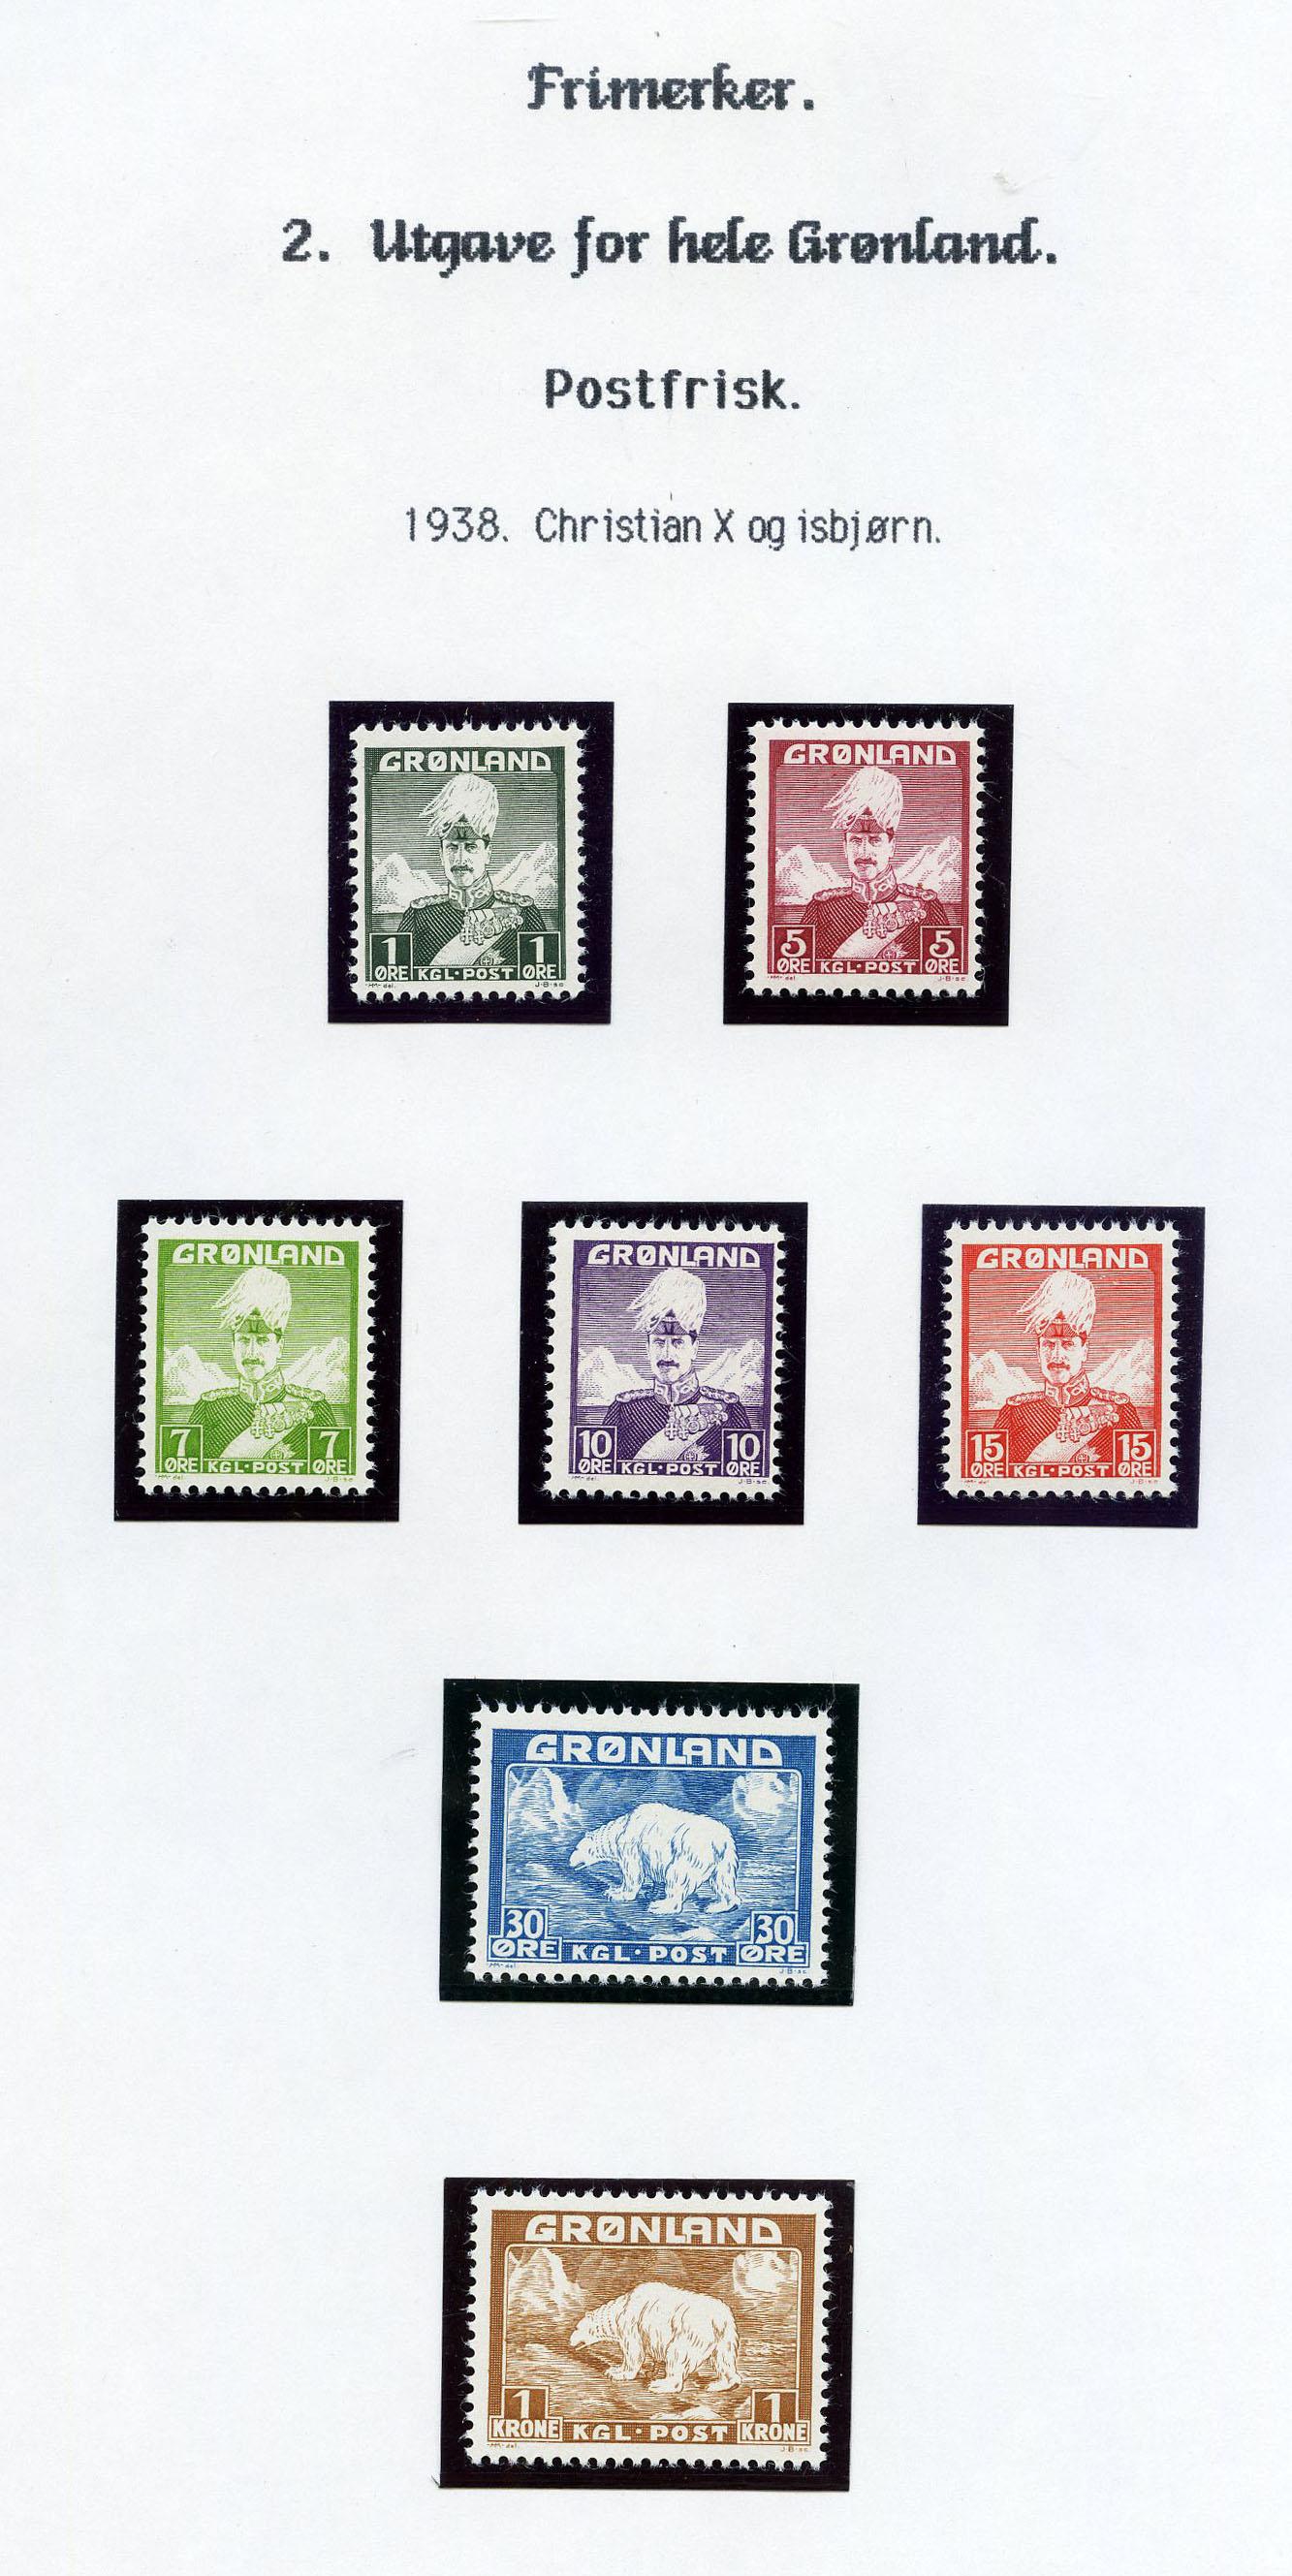 Lot 2000 - Grønland Samlinger og lotter  -  Skanfil Auksjoner AS  Public auction 211